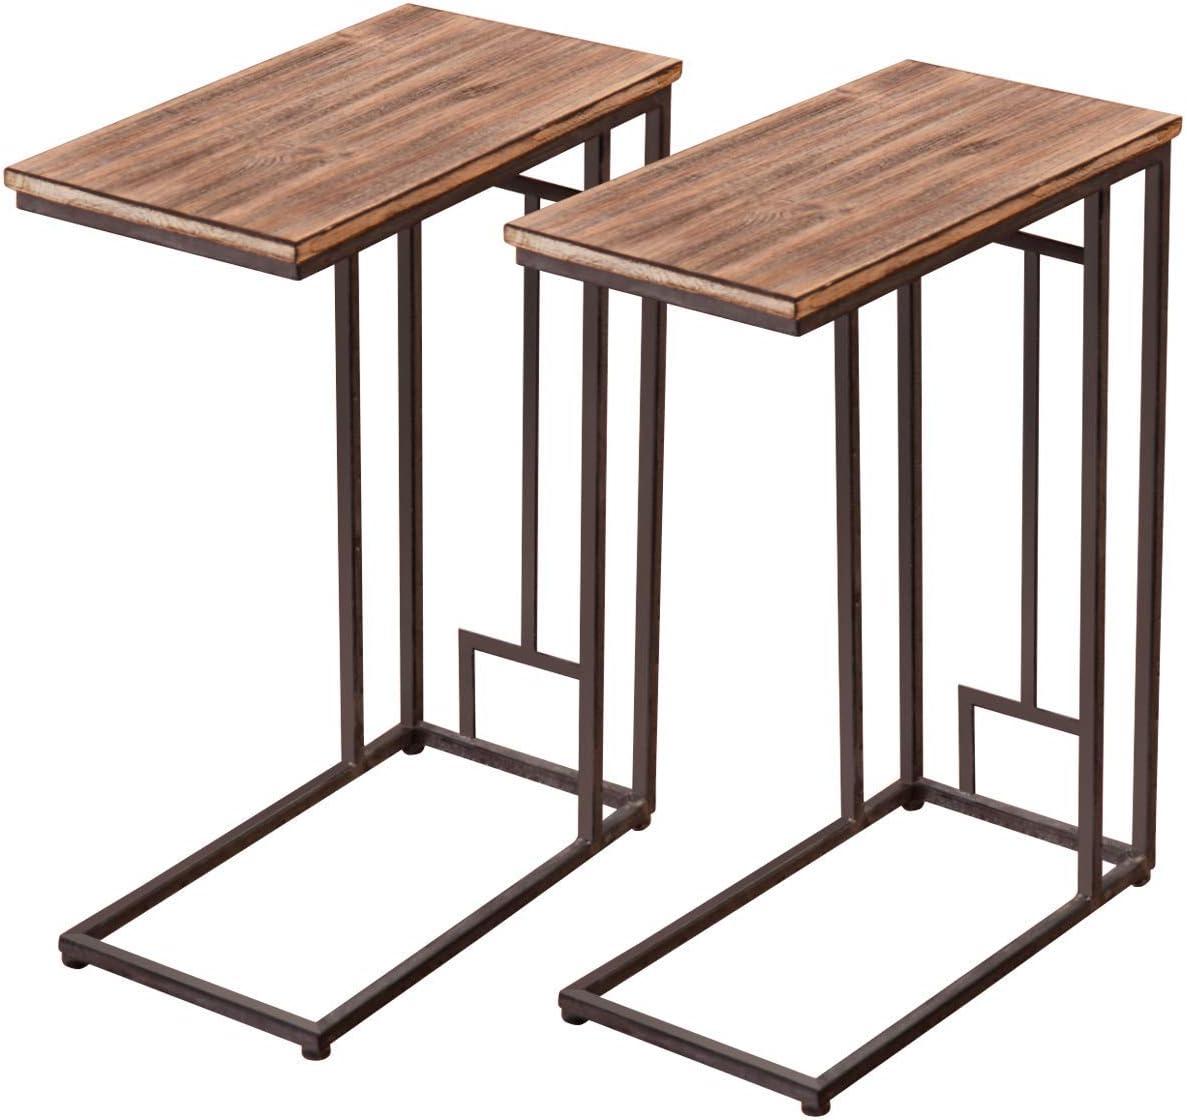 Tangkula Sofa Side Table, Solid Wood Living Room Bedroom Sofa Side Table End Table Couch Stand C Table